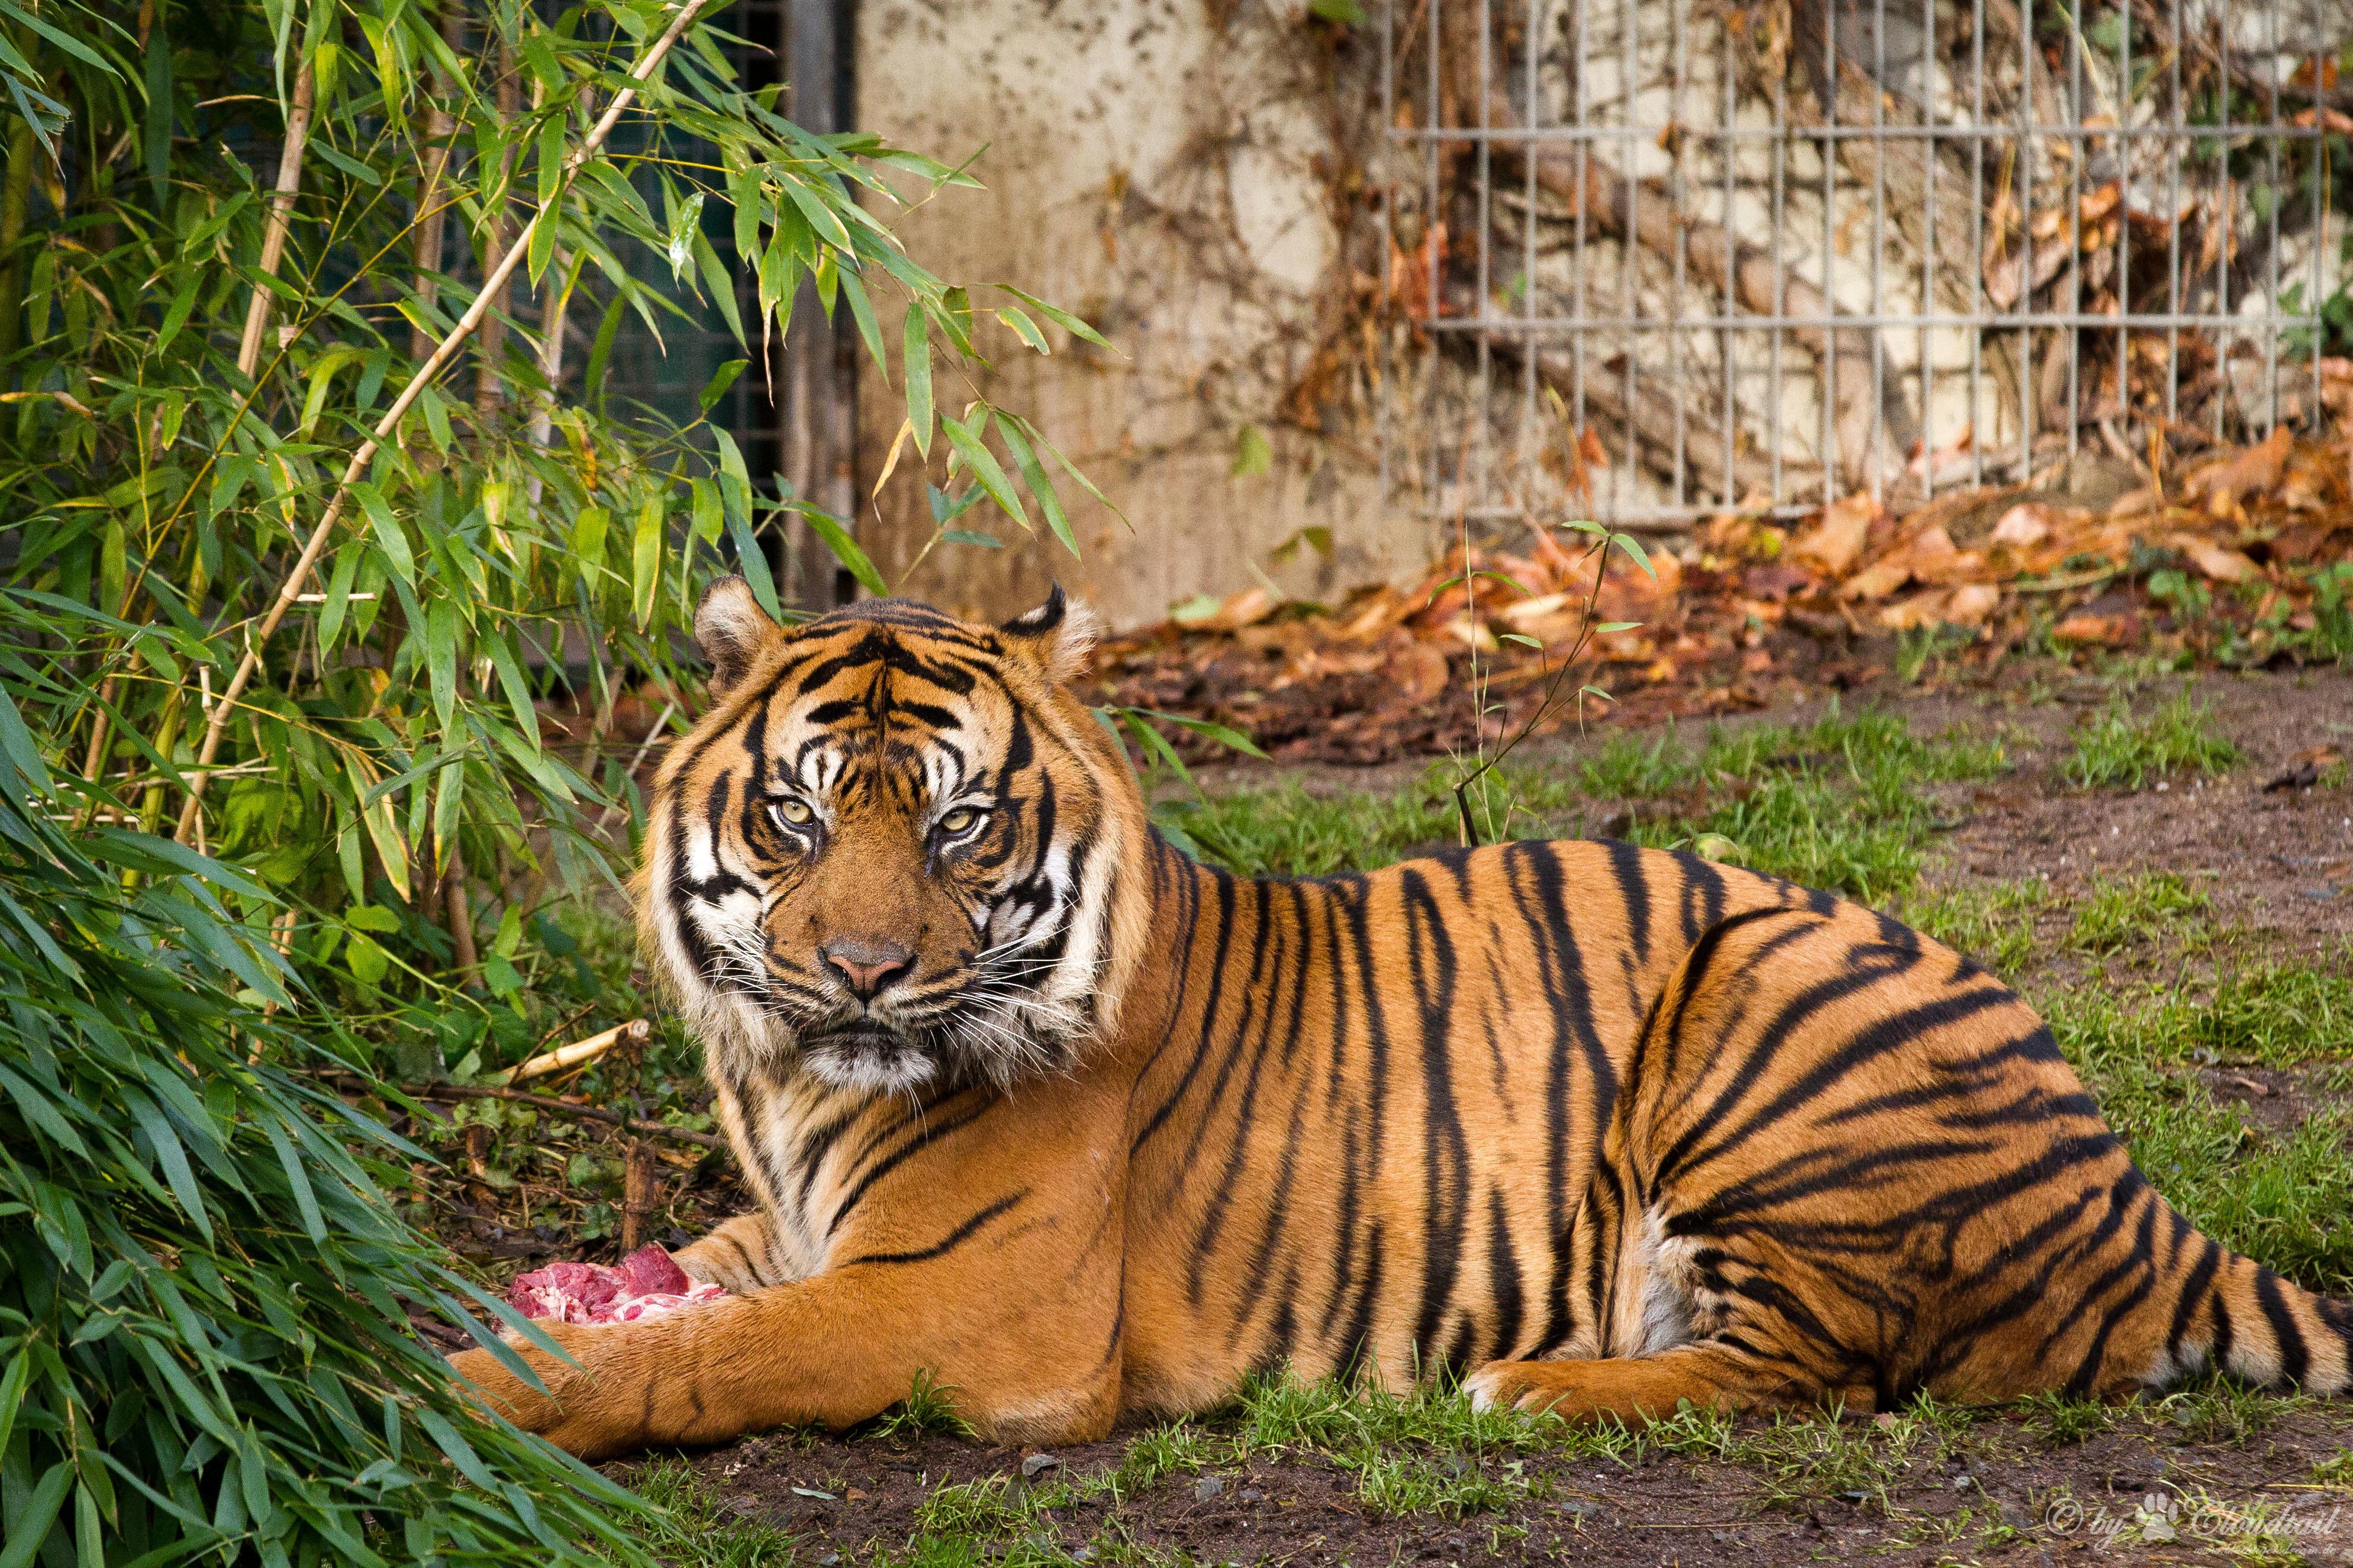 Картинка тигра фото